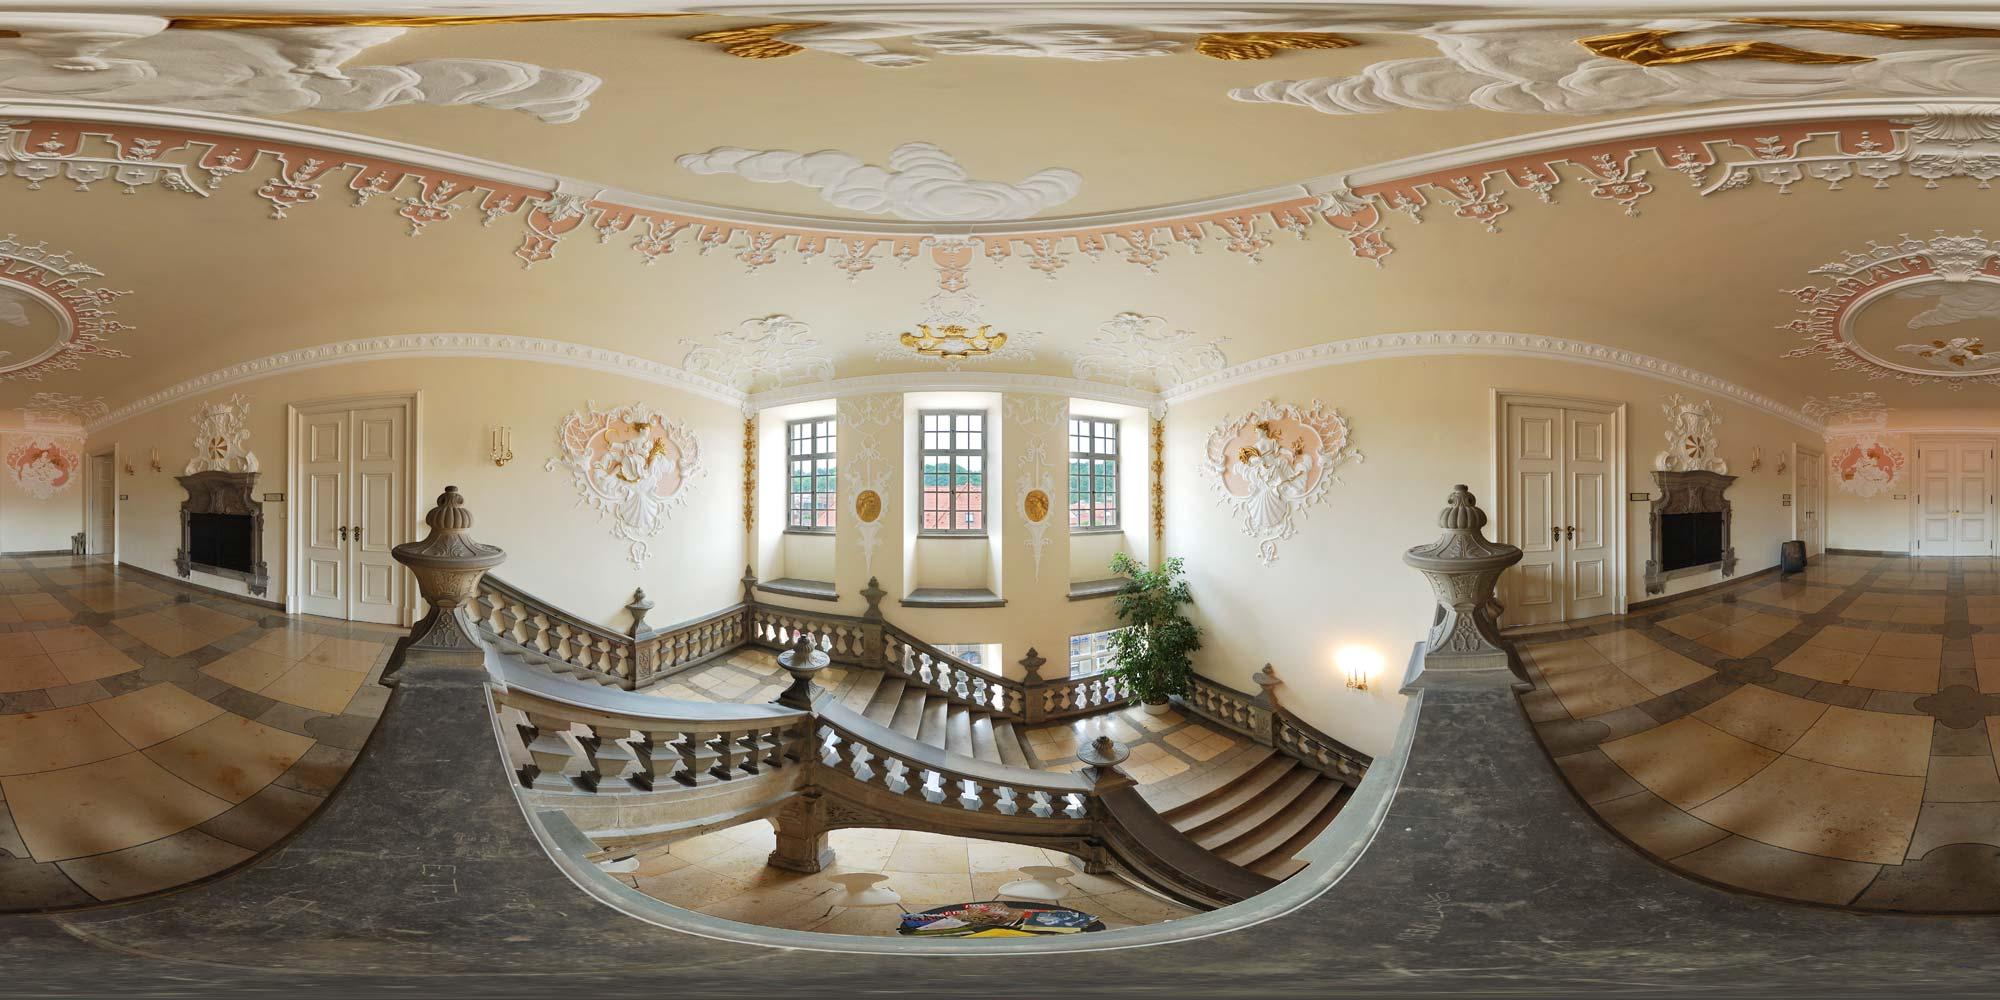 Panorama: Schwäbisch Hall - Rathaustreppe • Karte • interaktiv